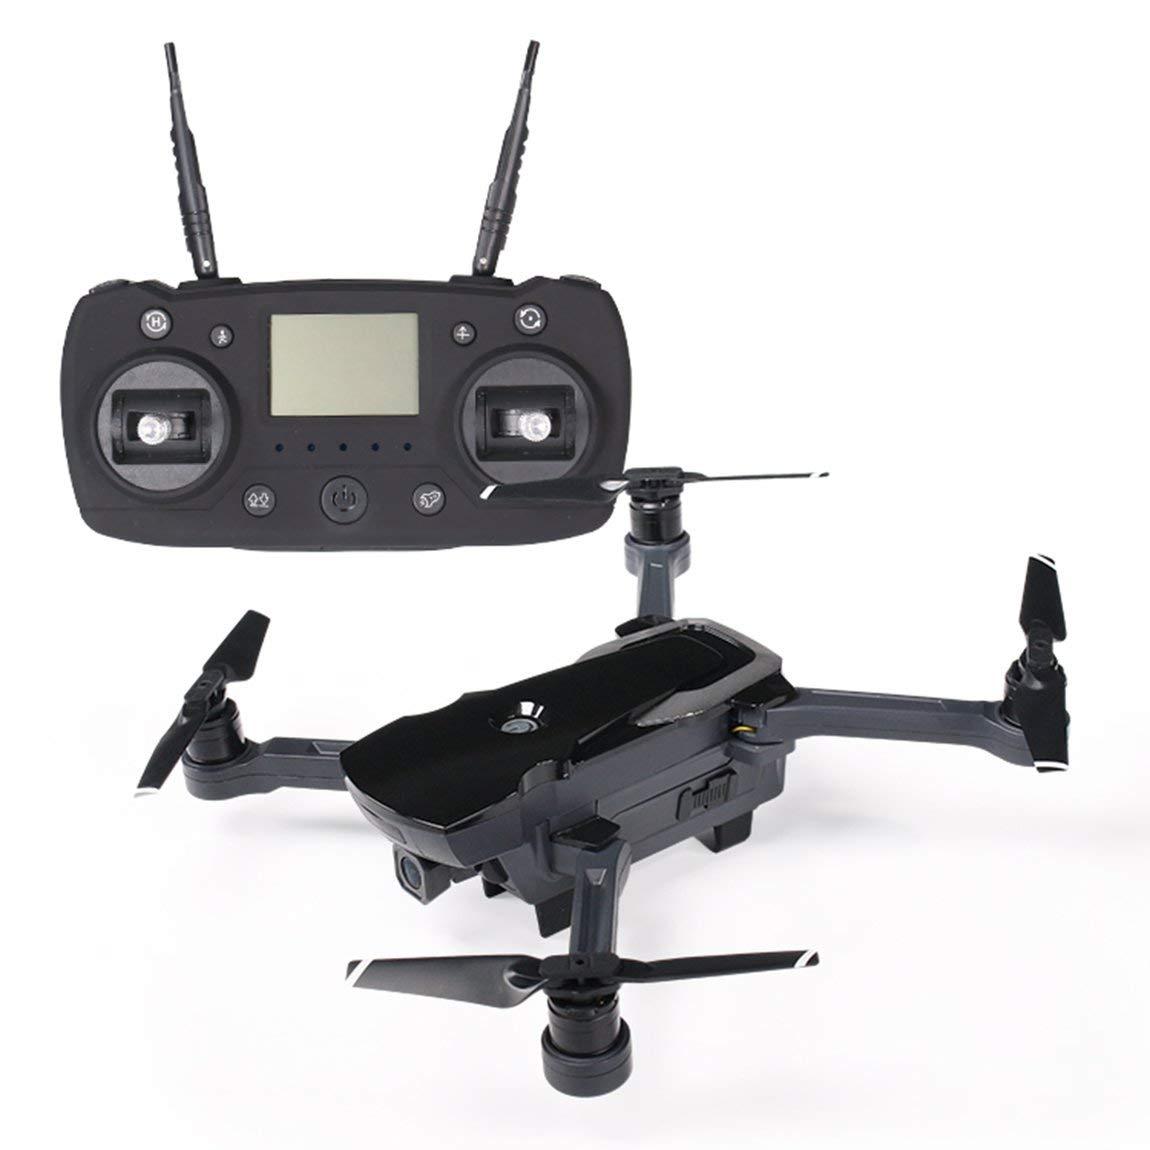 【良い商品】CG033ブラシレス折り畳み式ドローン1080P HDの無線LANジンバルカメラGPS DRONキッズギフト B07SVZQ3WM